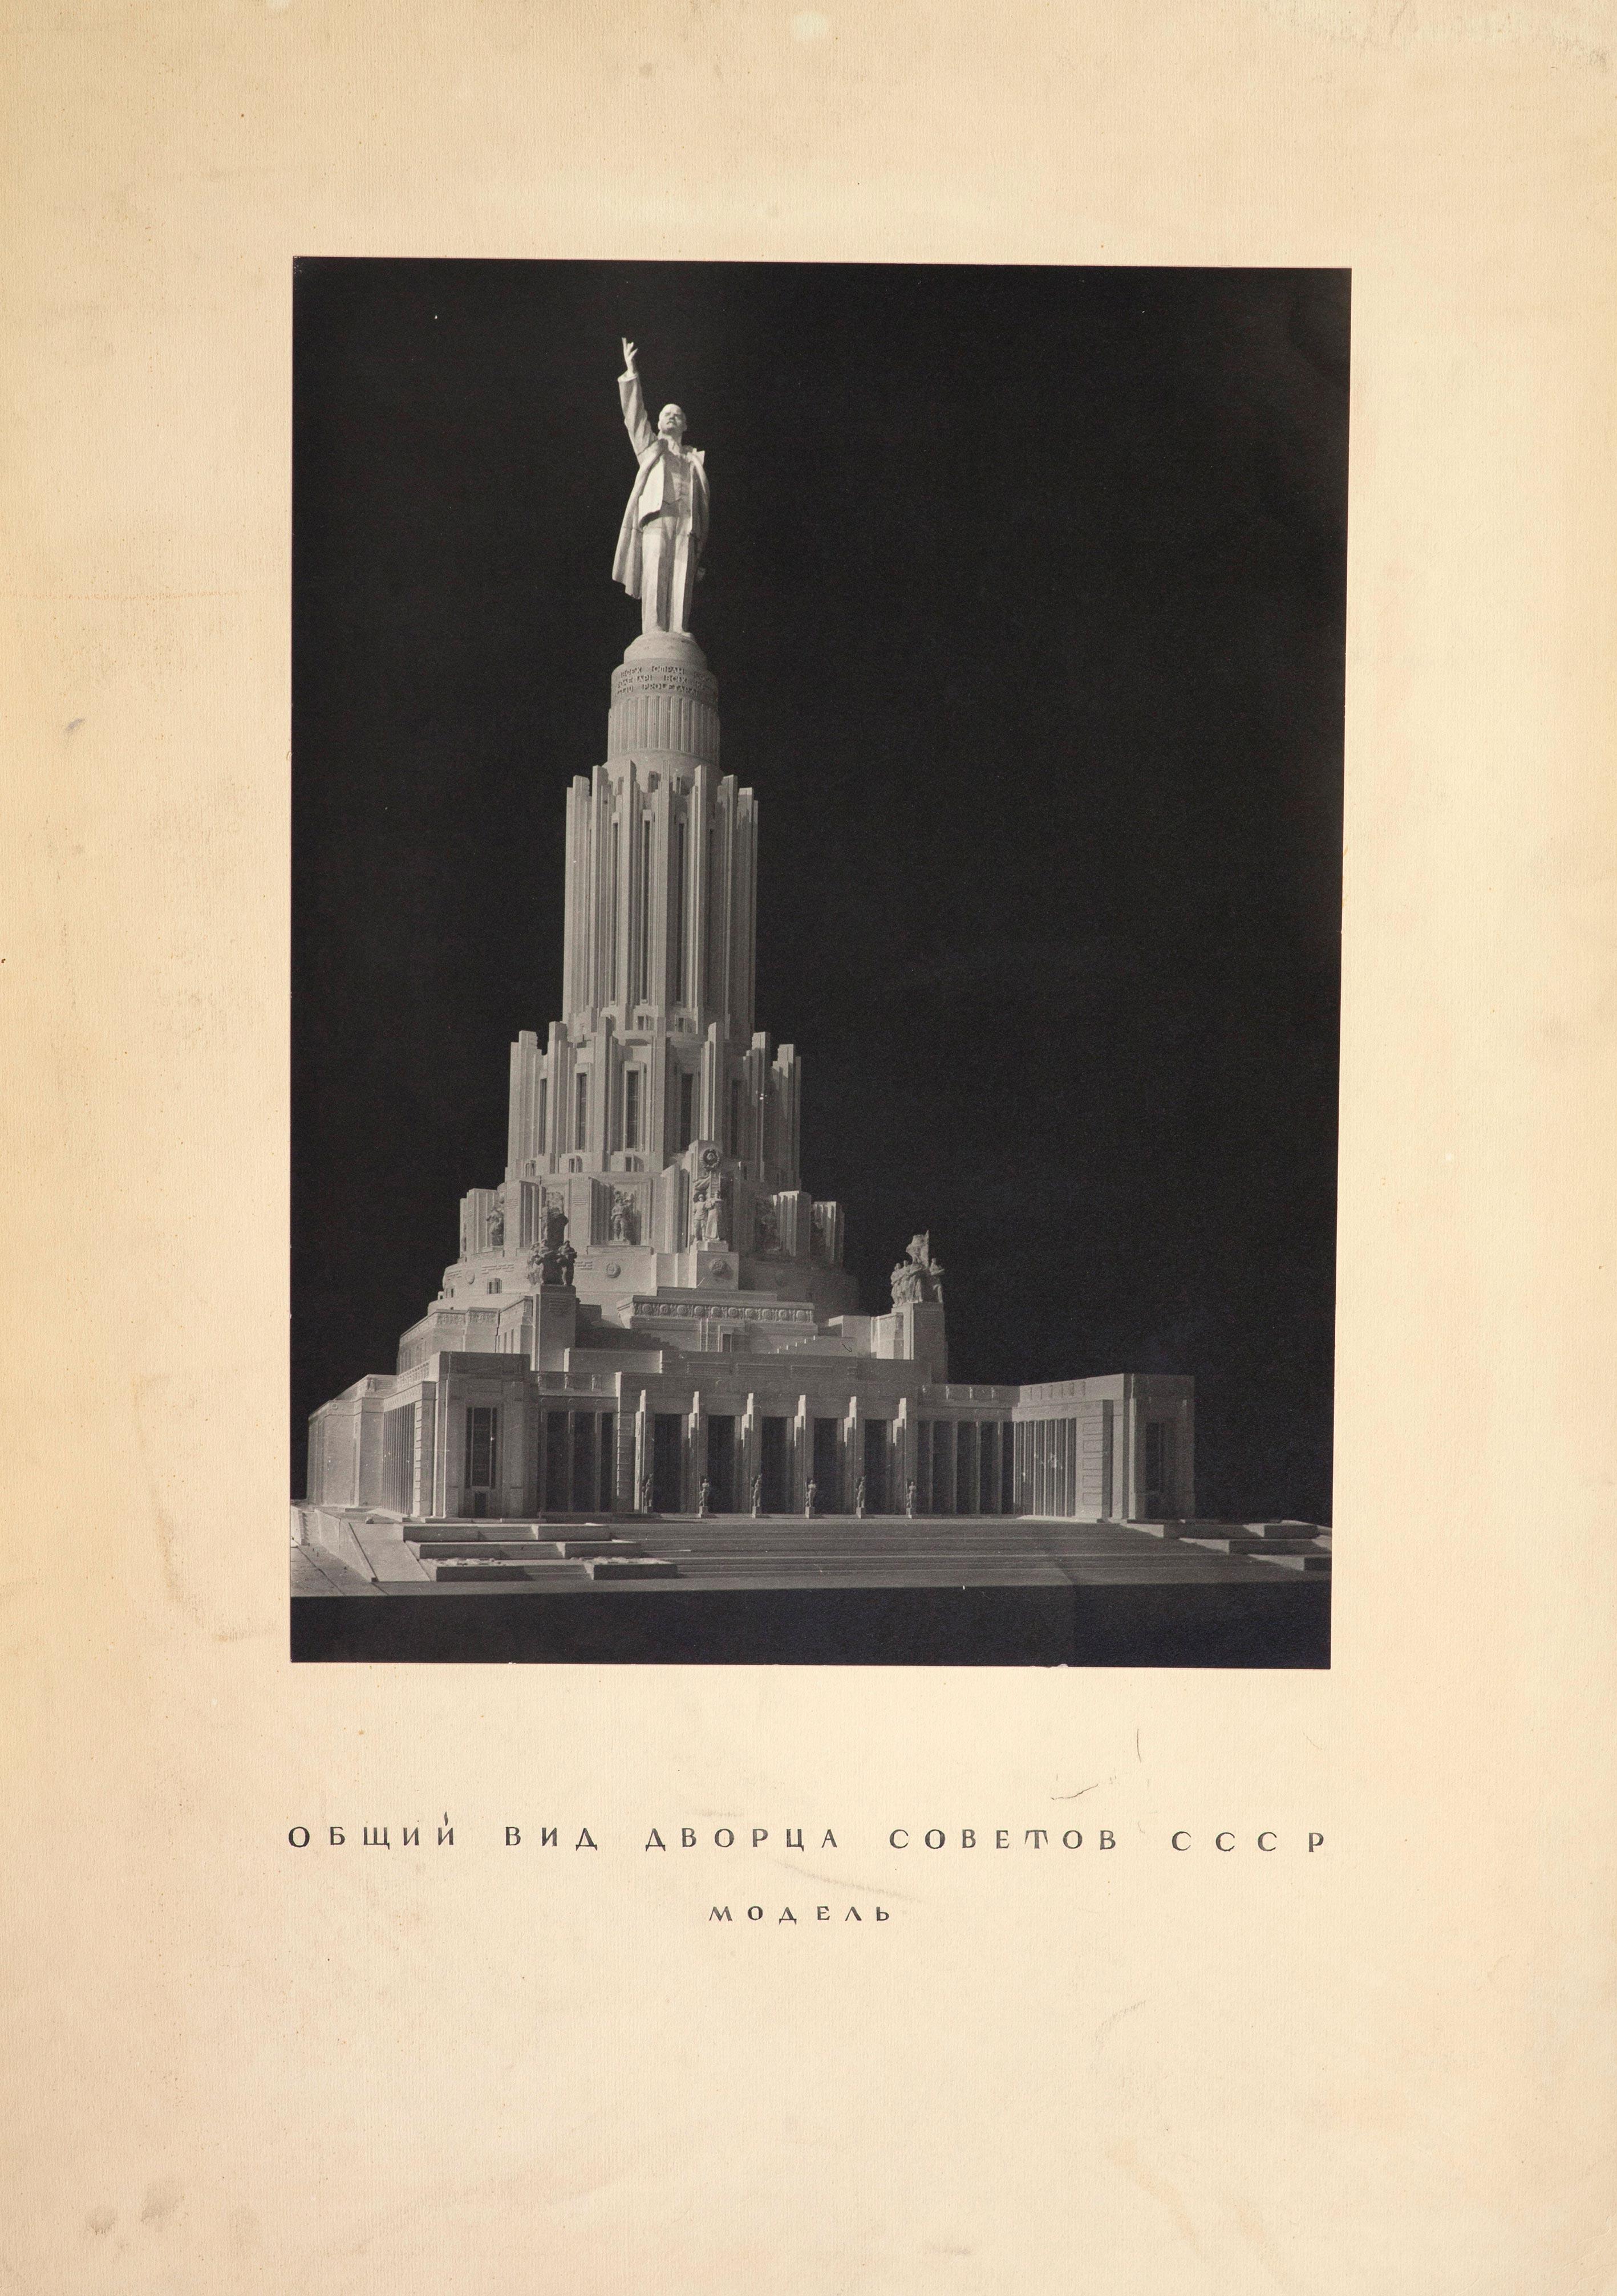 Общий вид Дворца Советов СССР. Из архива проекта